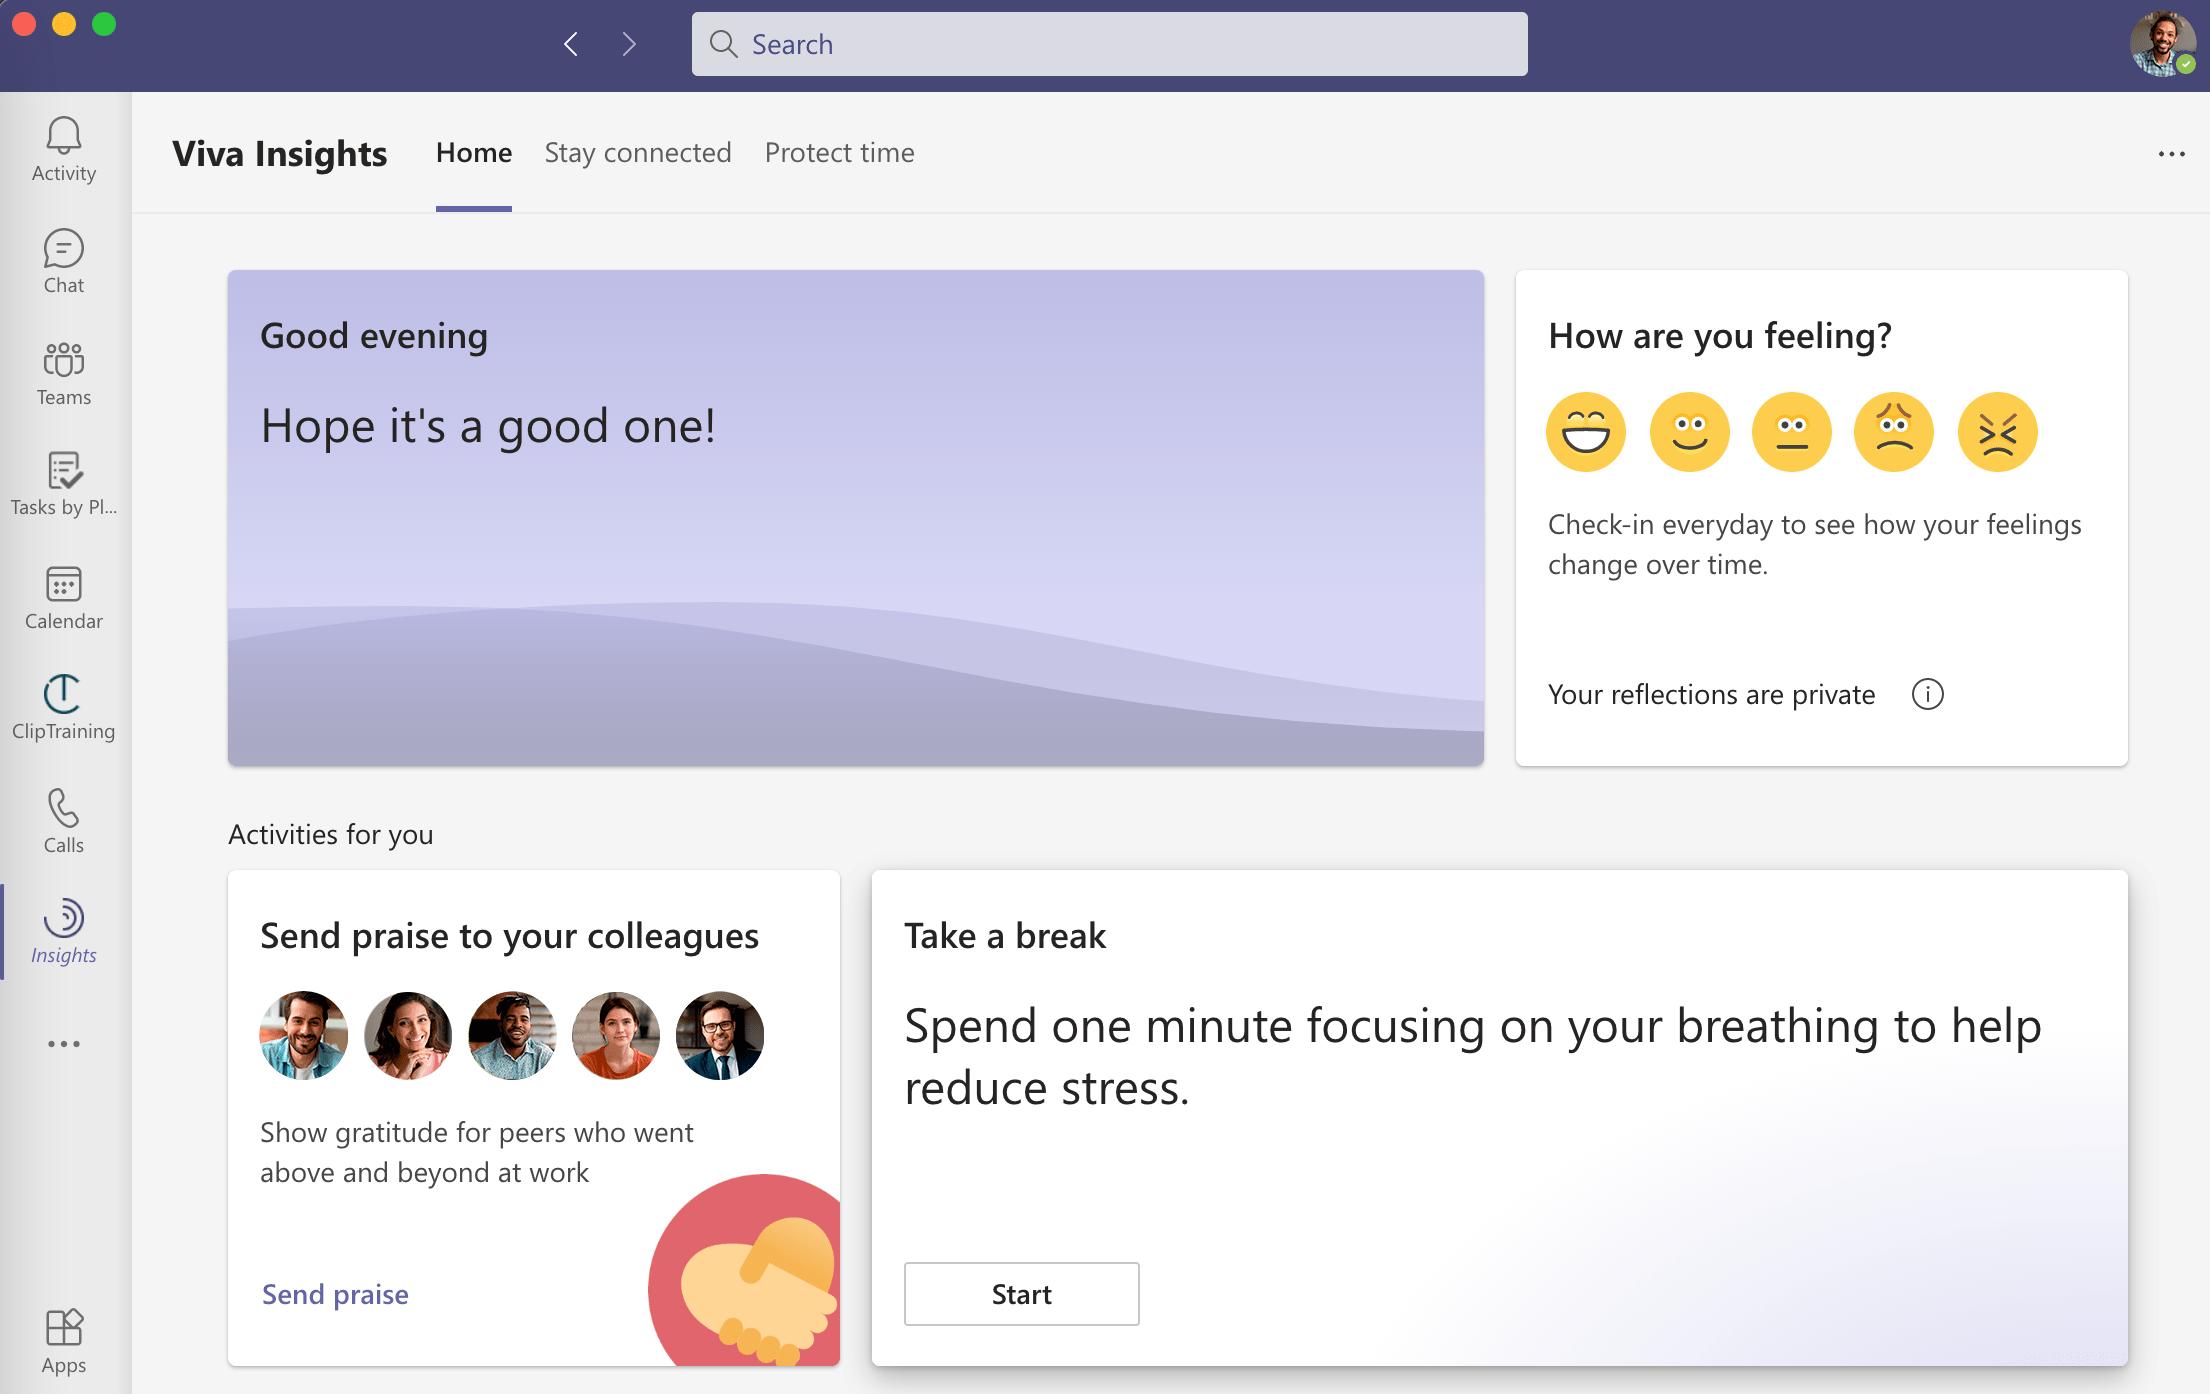 Using Viva Insights to take breaks between virtual meetings in hybrid work and increase wellbeing